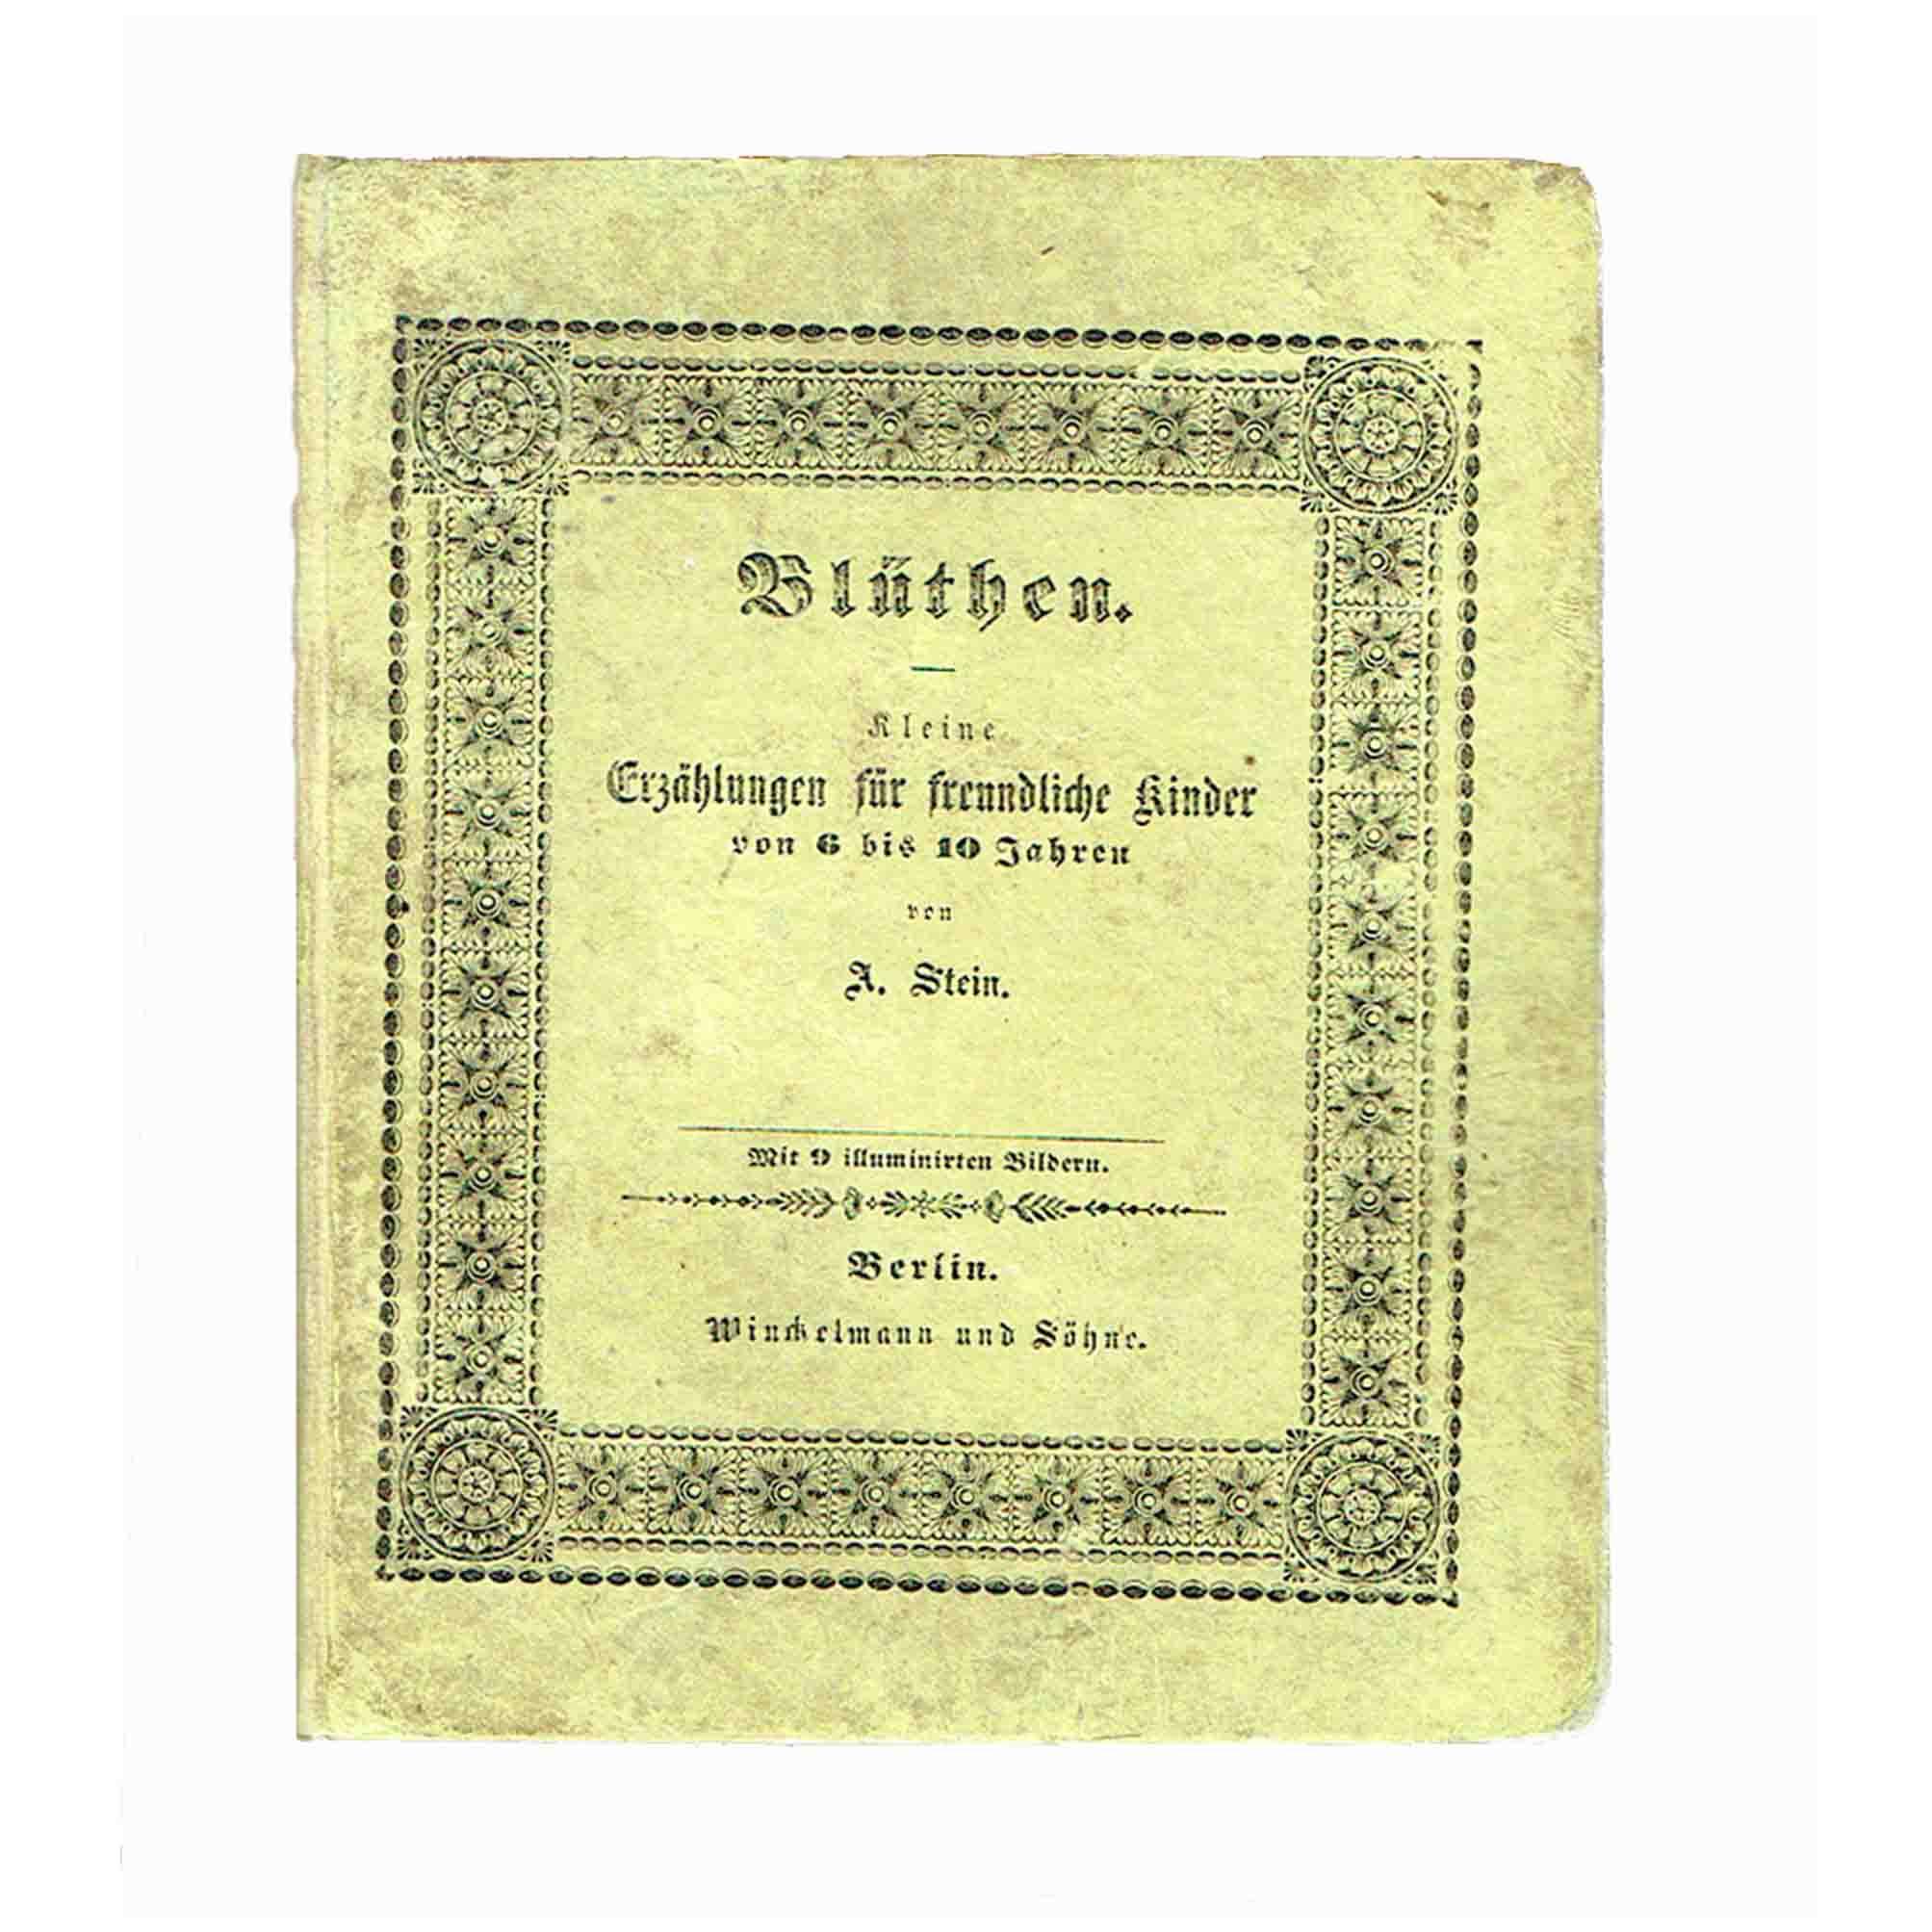 5669-Stein-Blüthen-Kinder-1853-Einband-recto-frei-N.jpeg